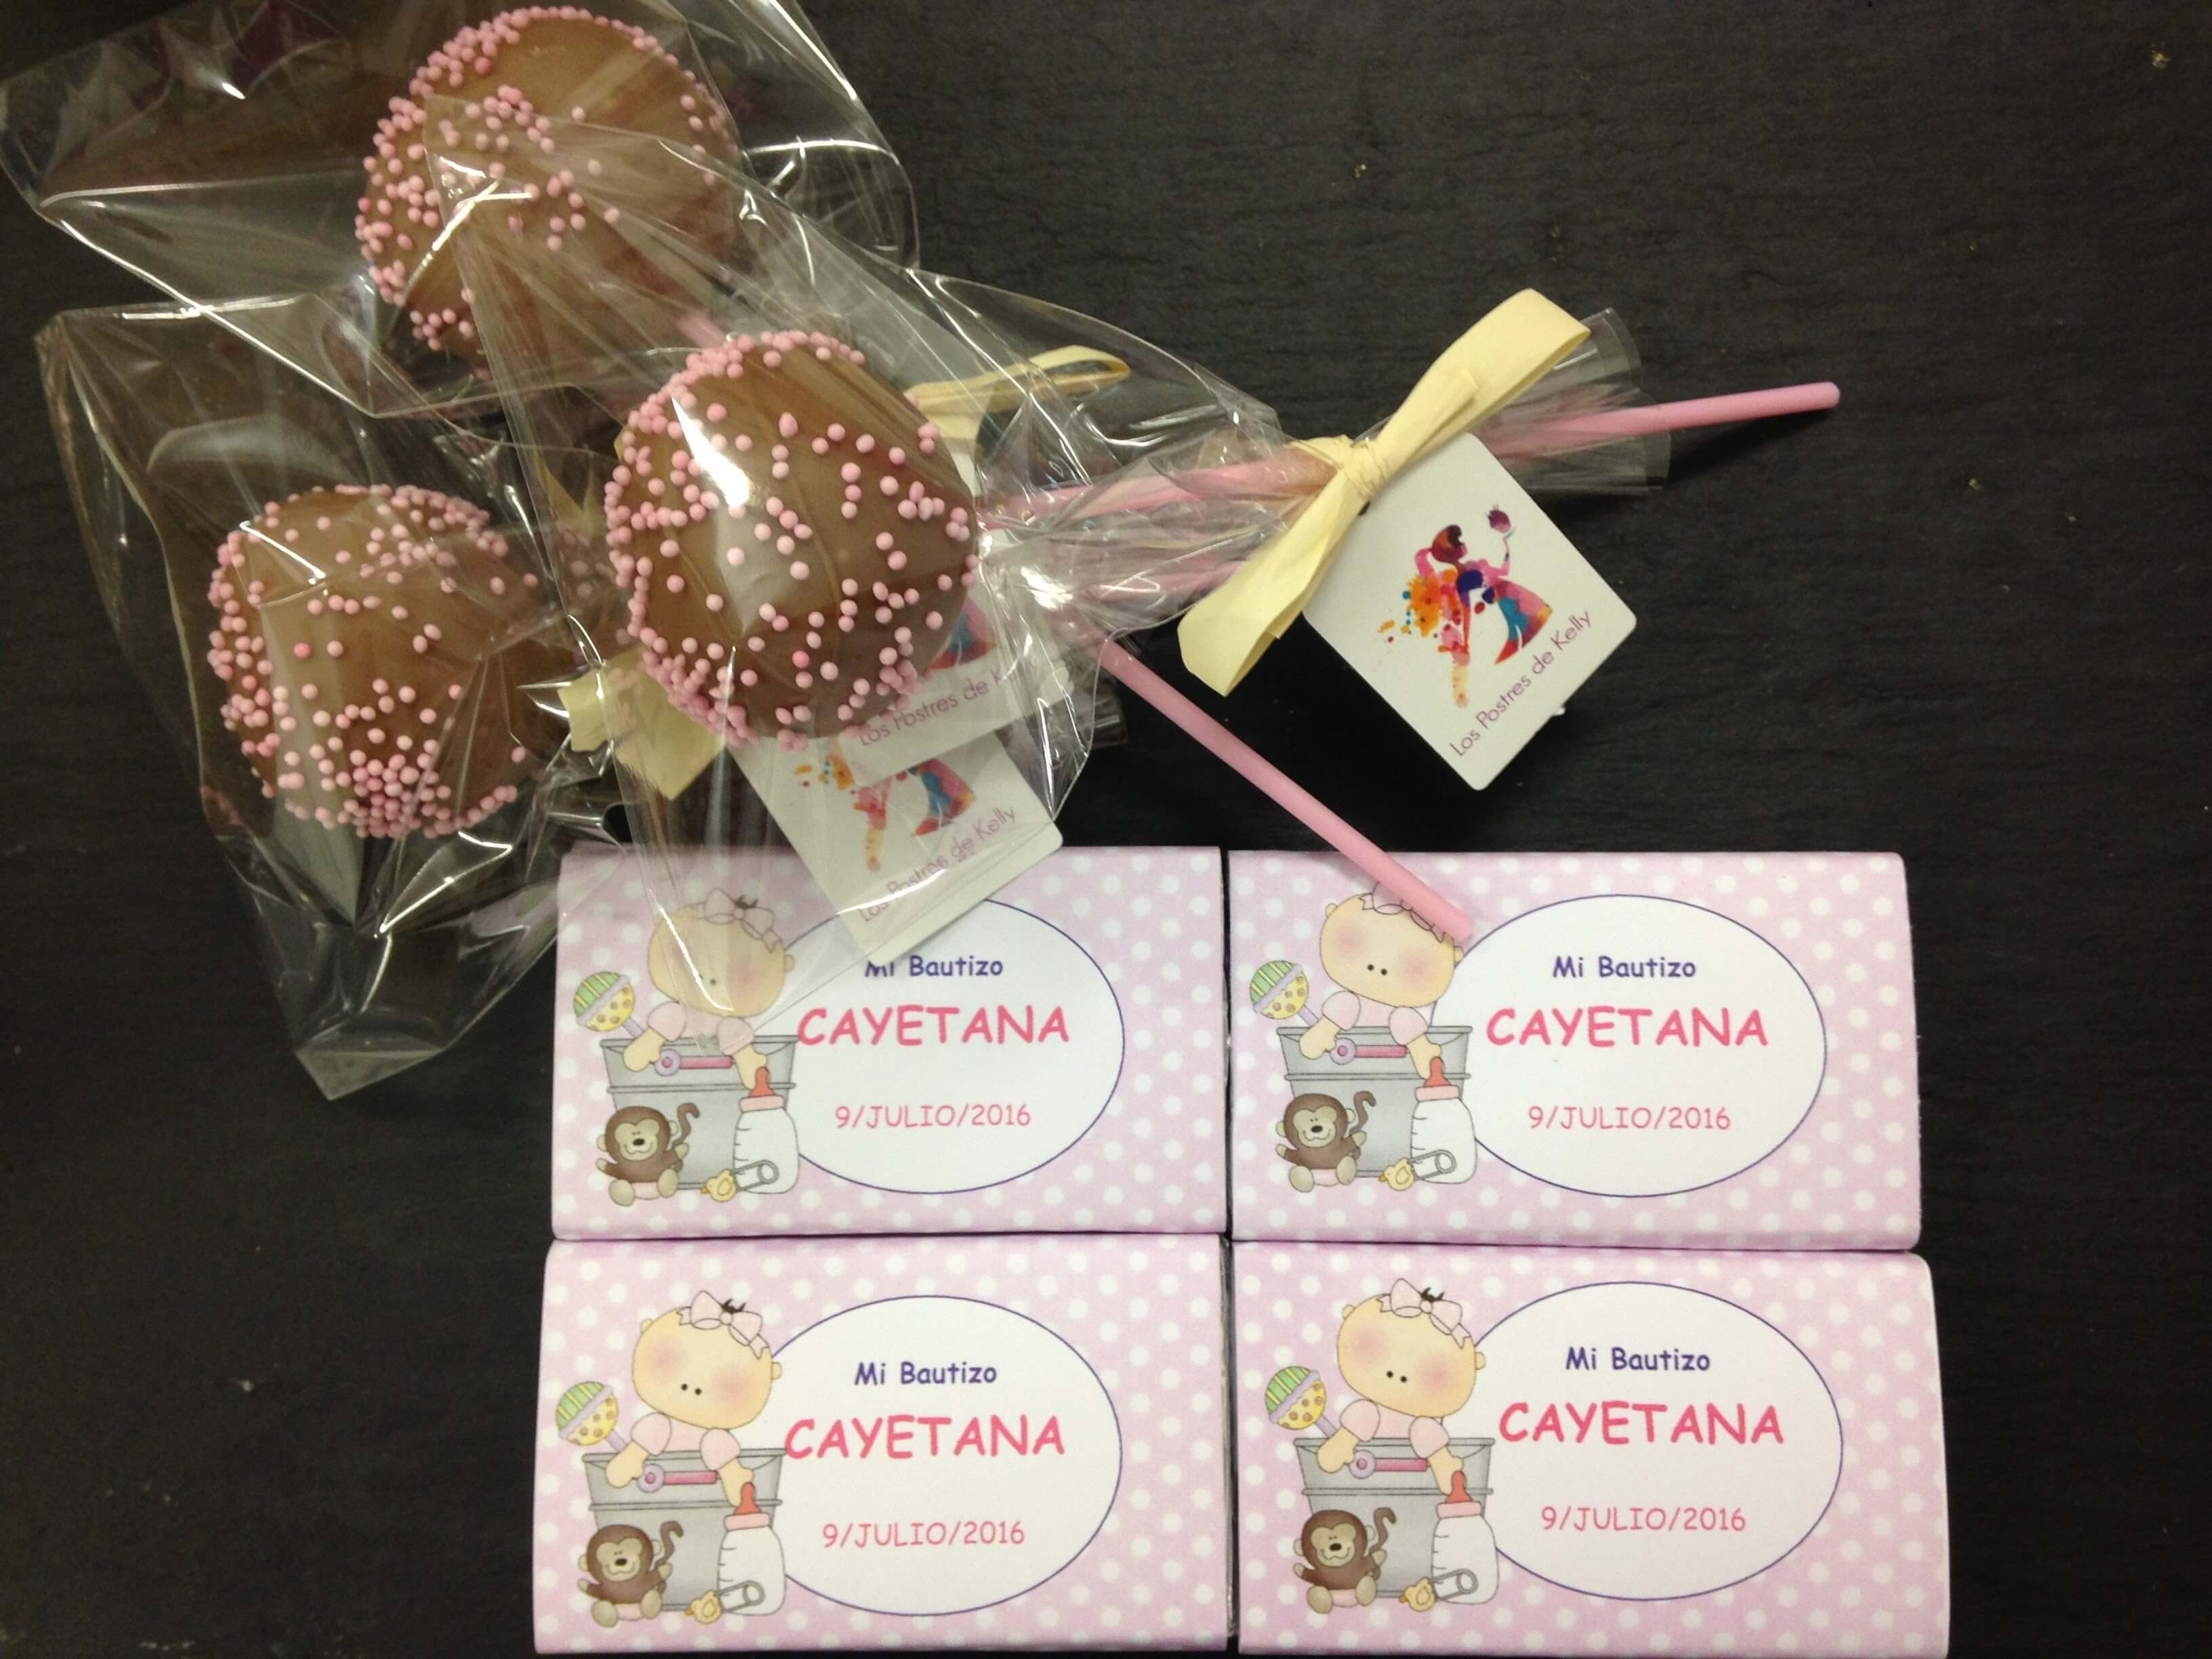 cakepops y chocolatinas bautizo o comunióndetalles dulces bautizo cumpleaños coruña cakepops tableta mini